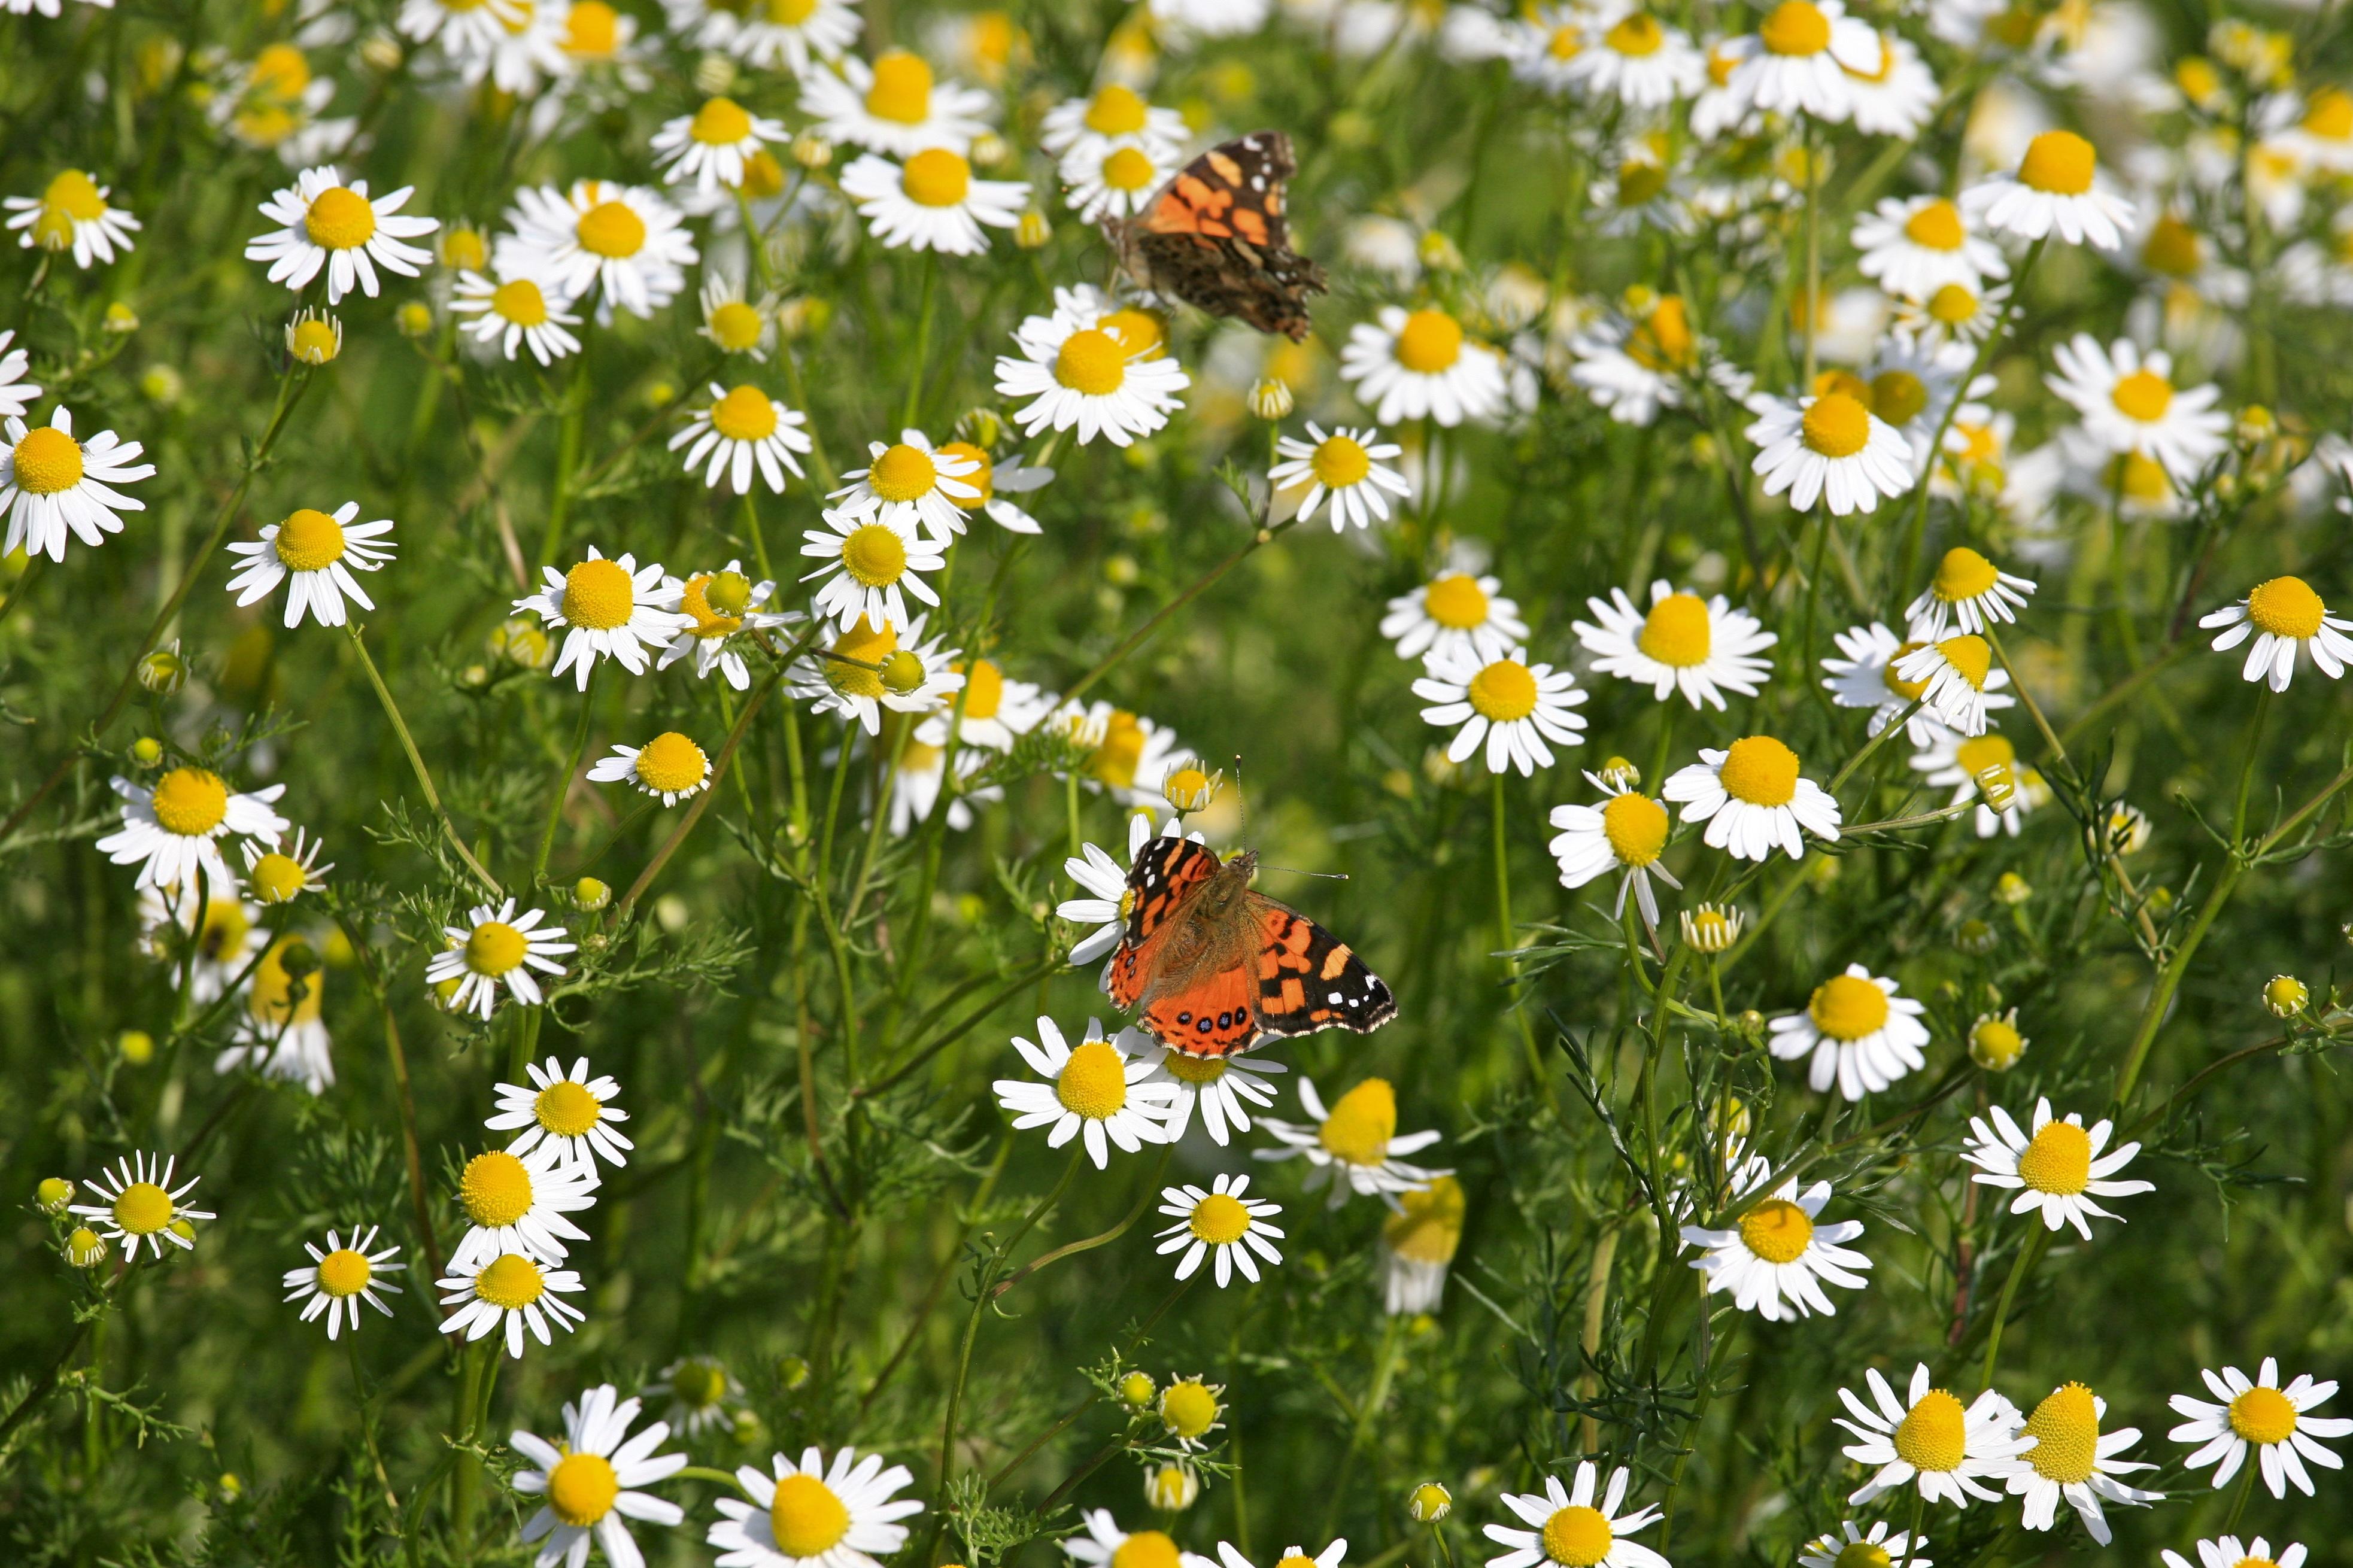 Картинка поле с ромашками и бабочками, открытки своими руками